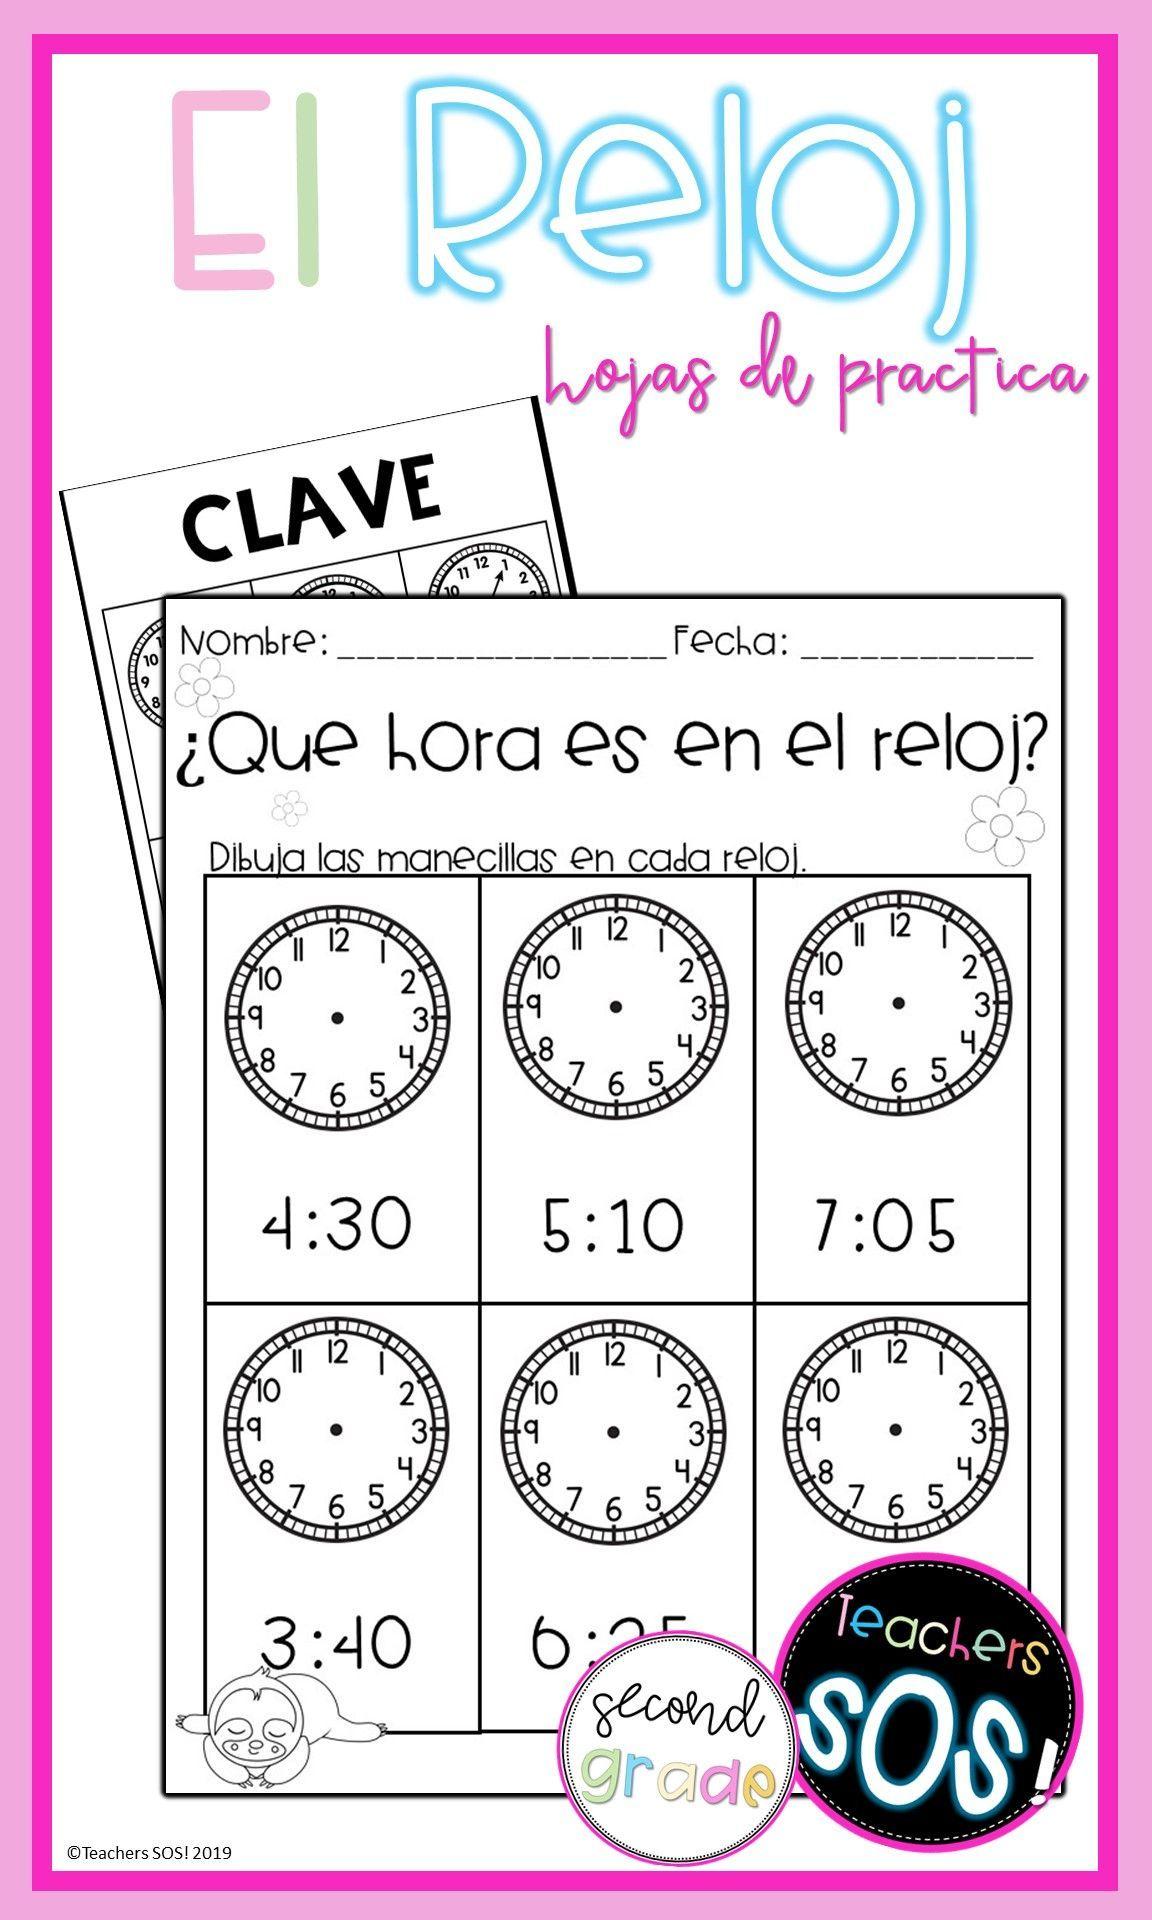 Como Leer El Reloj 24 Hojas De Practica In